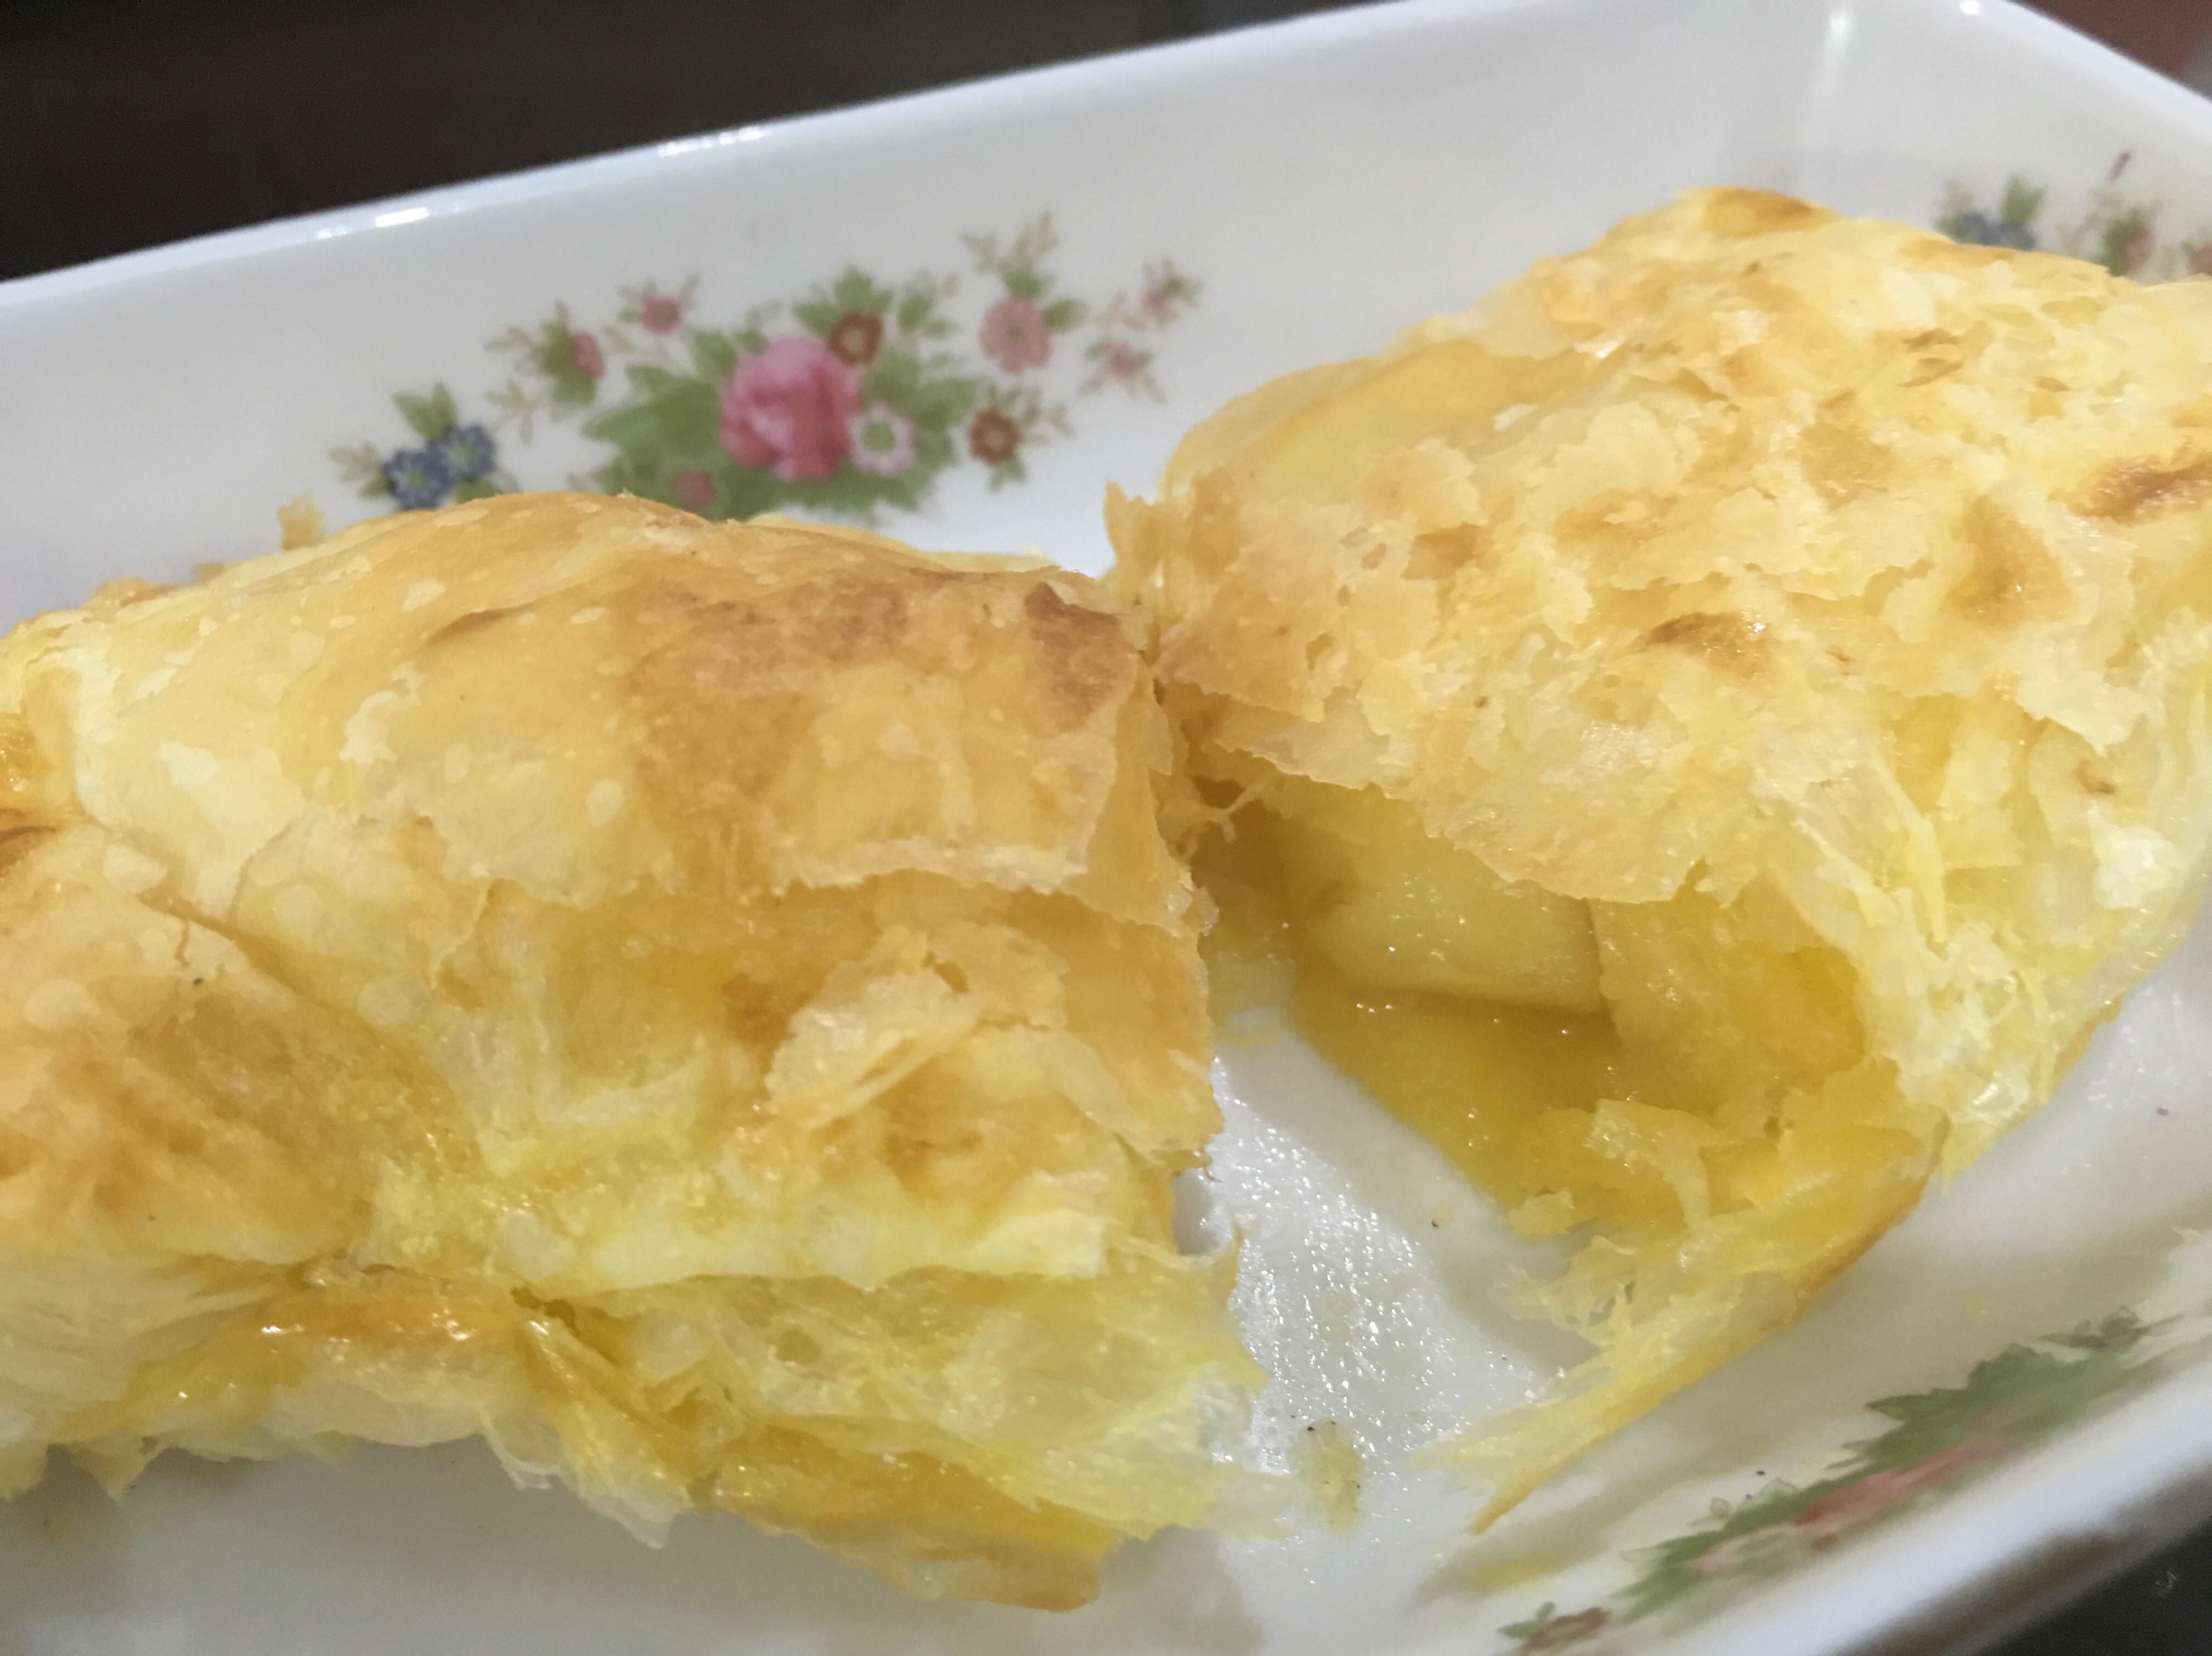 酥皮蘋果檸檬派🙈